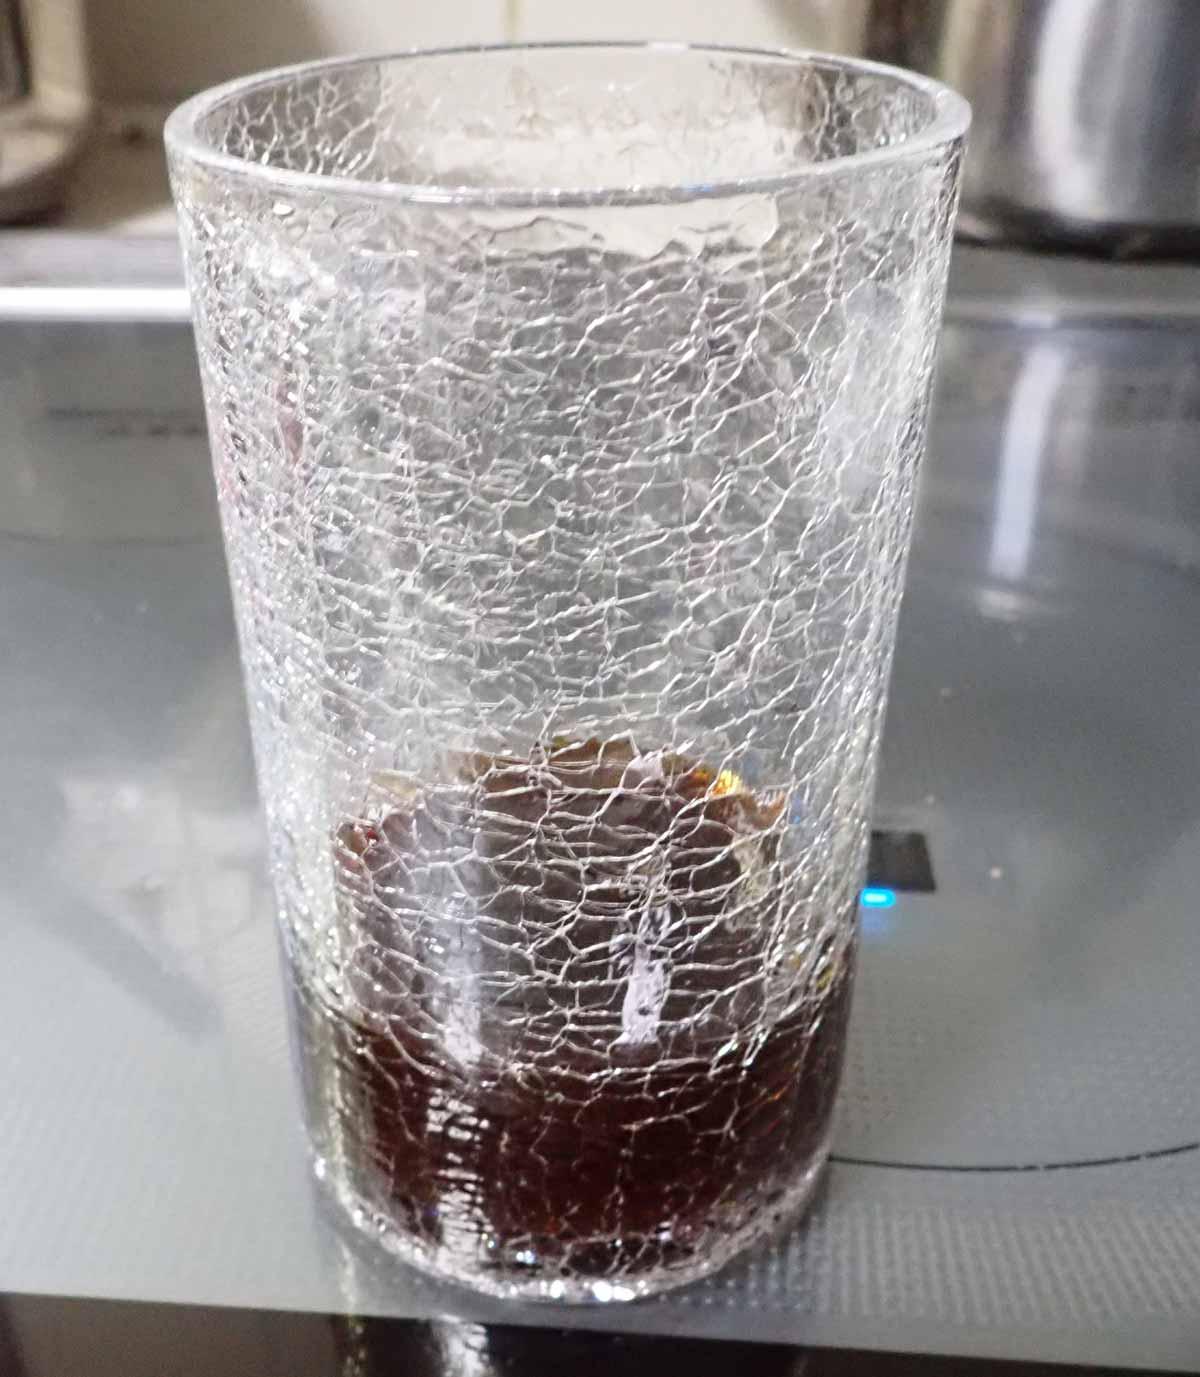 グラスにブラックティーの原液を注ぐ